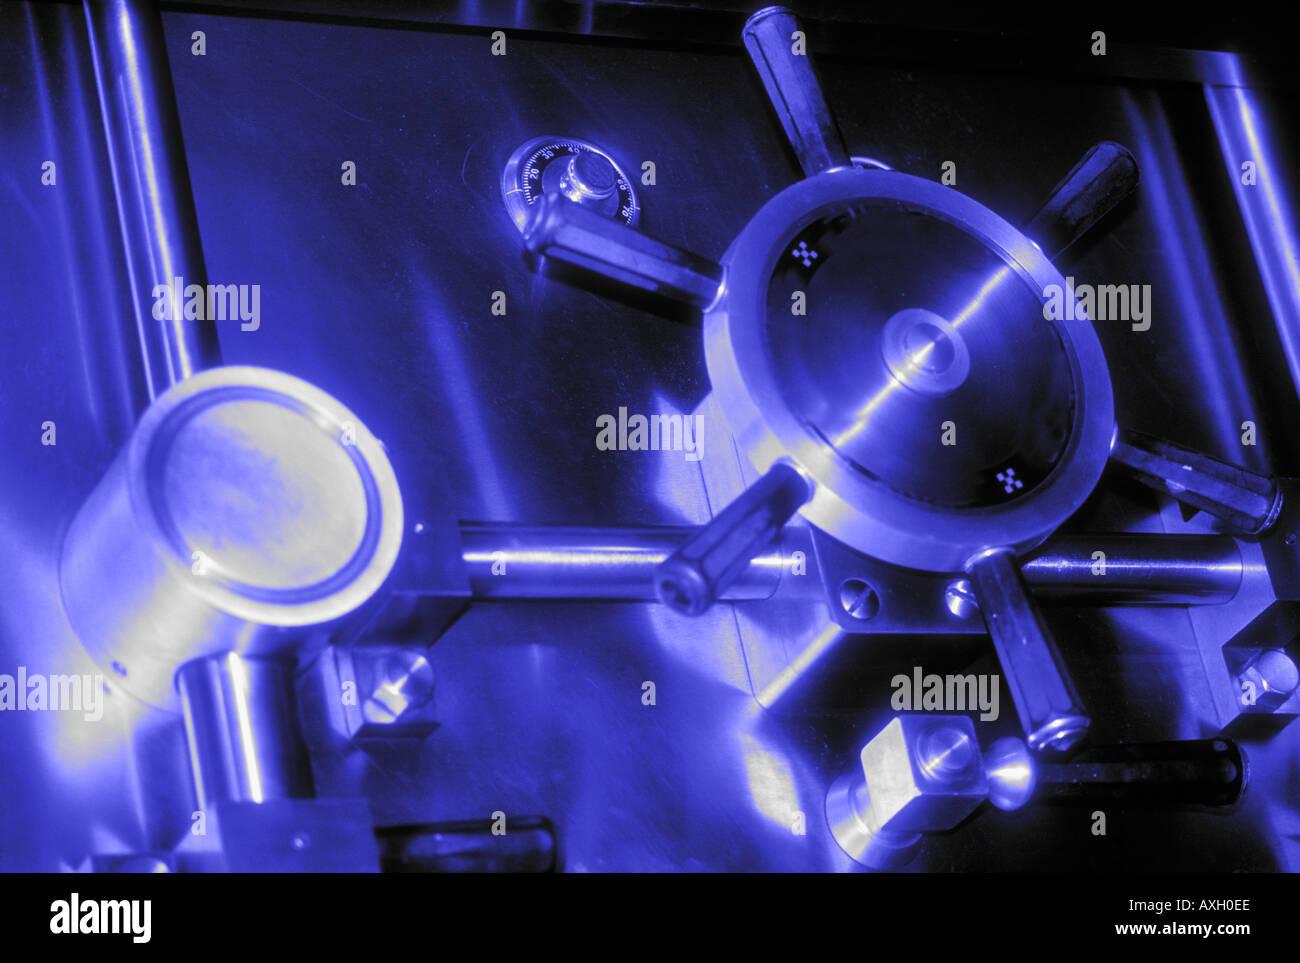 Tresortür in Bank Konzept abstrakten Blauton Stockbild